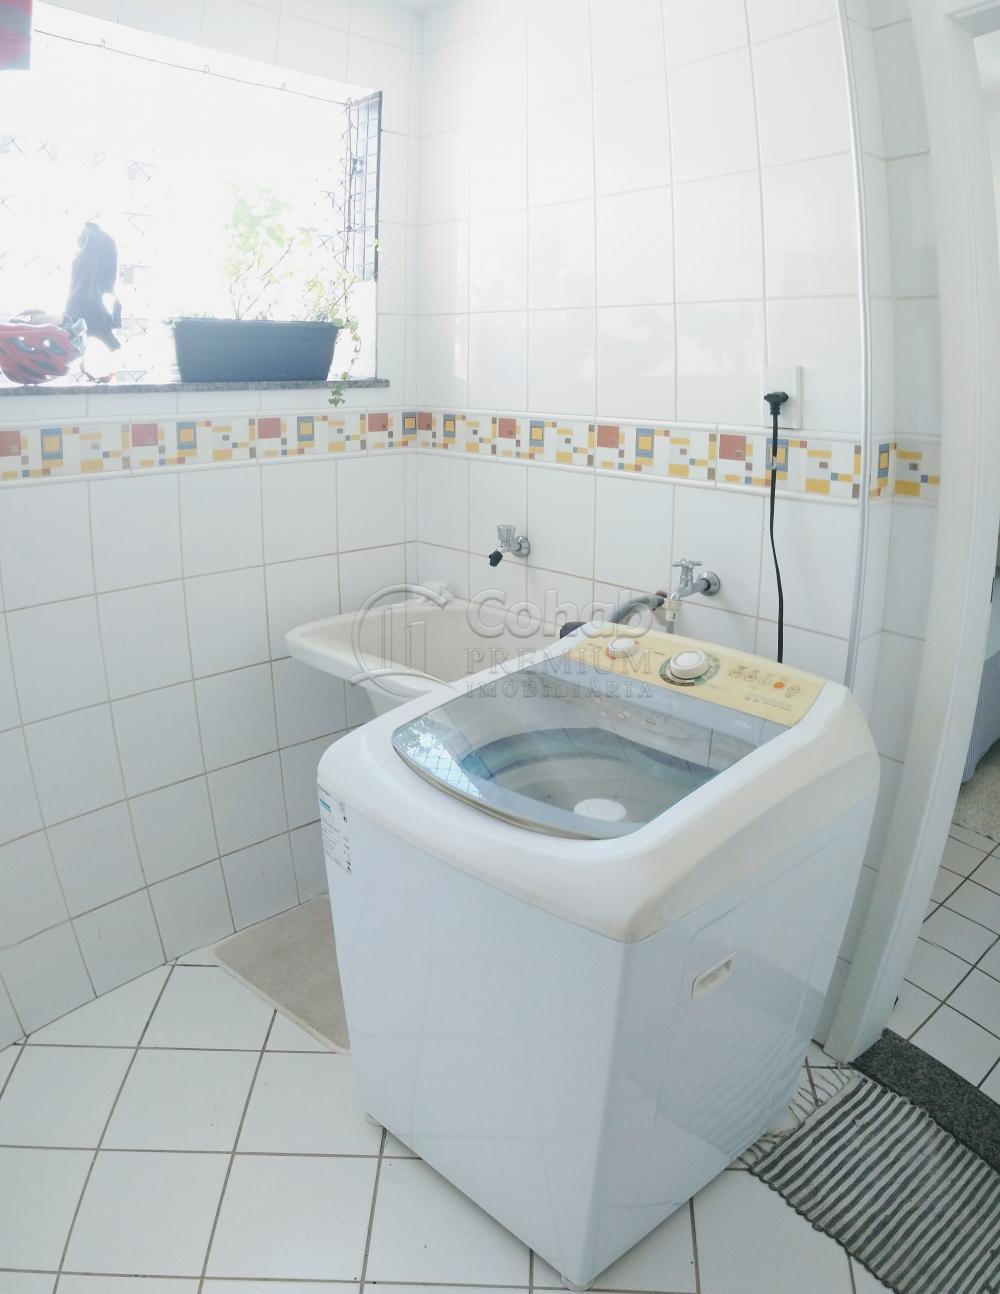 Alugar Apartamento / Padrão em Aracaju apenas R$ 3.300,00 - Foto 17